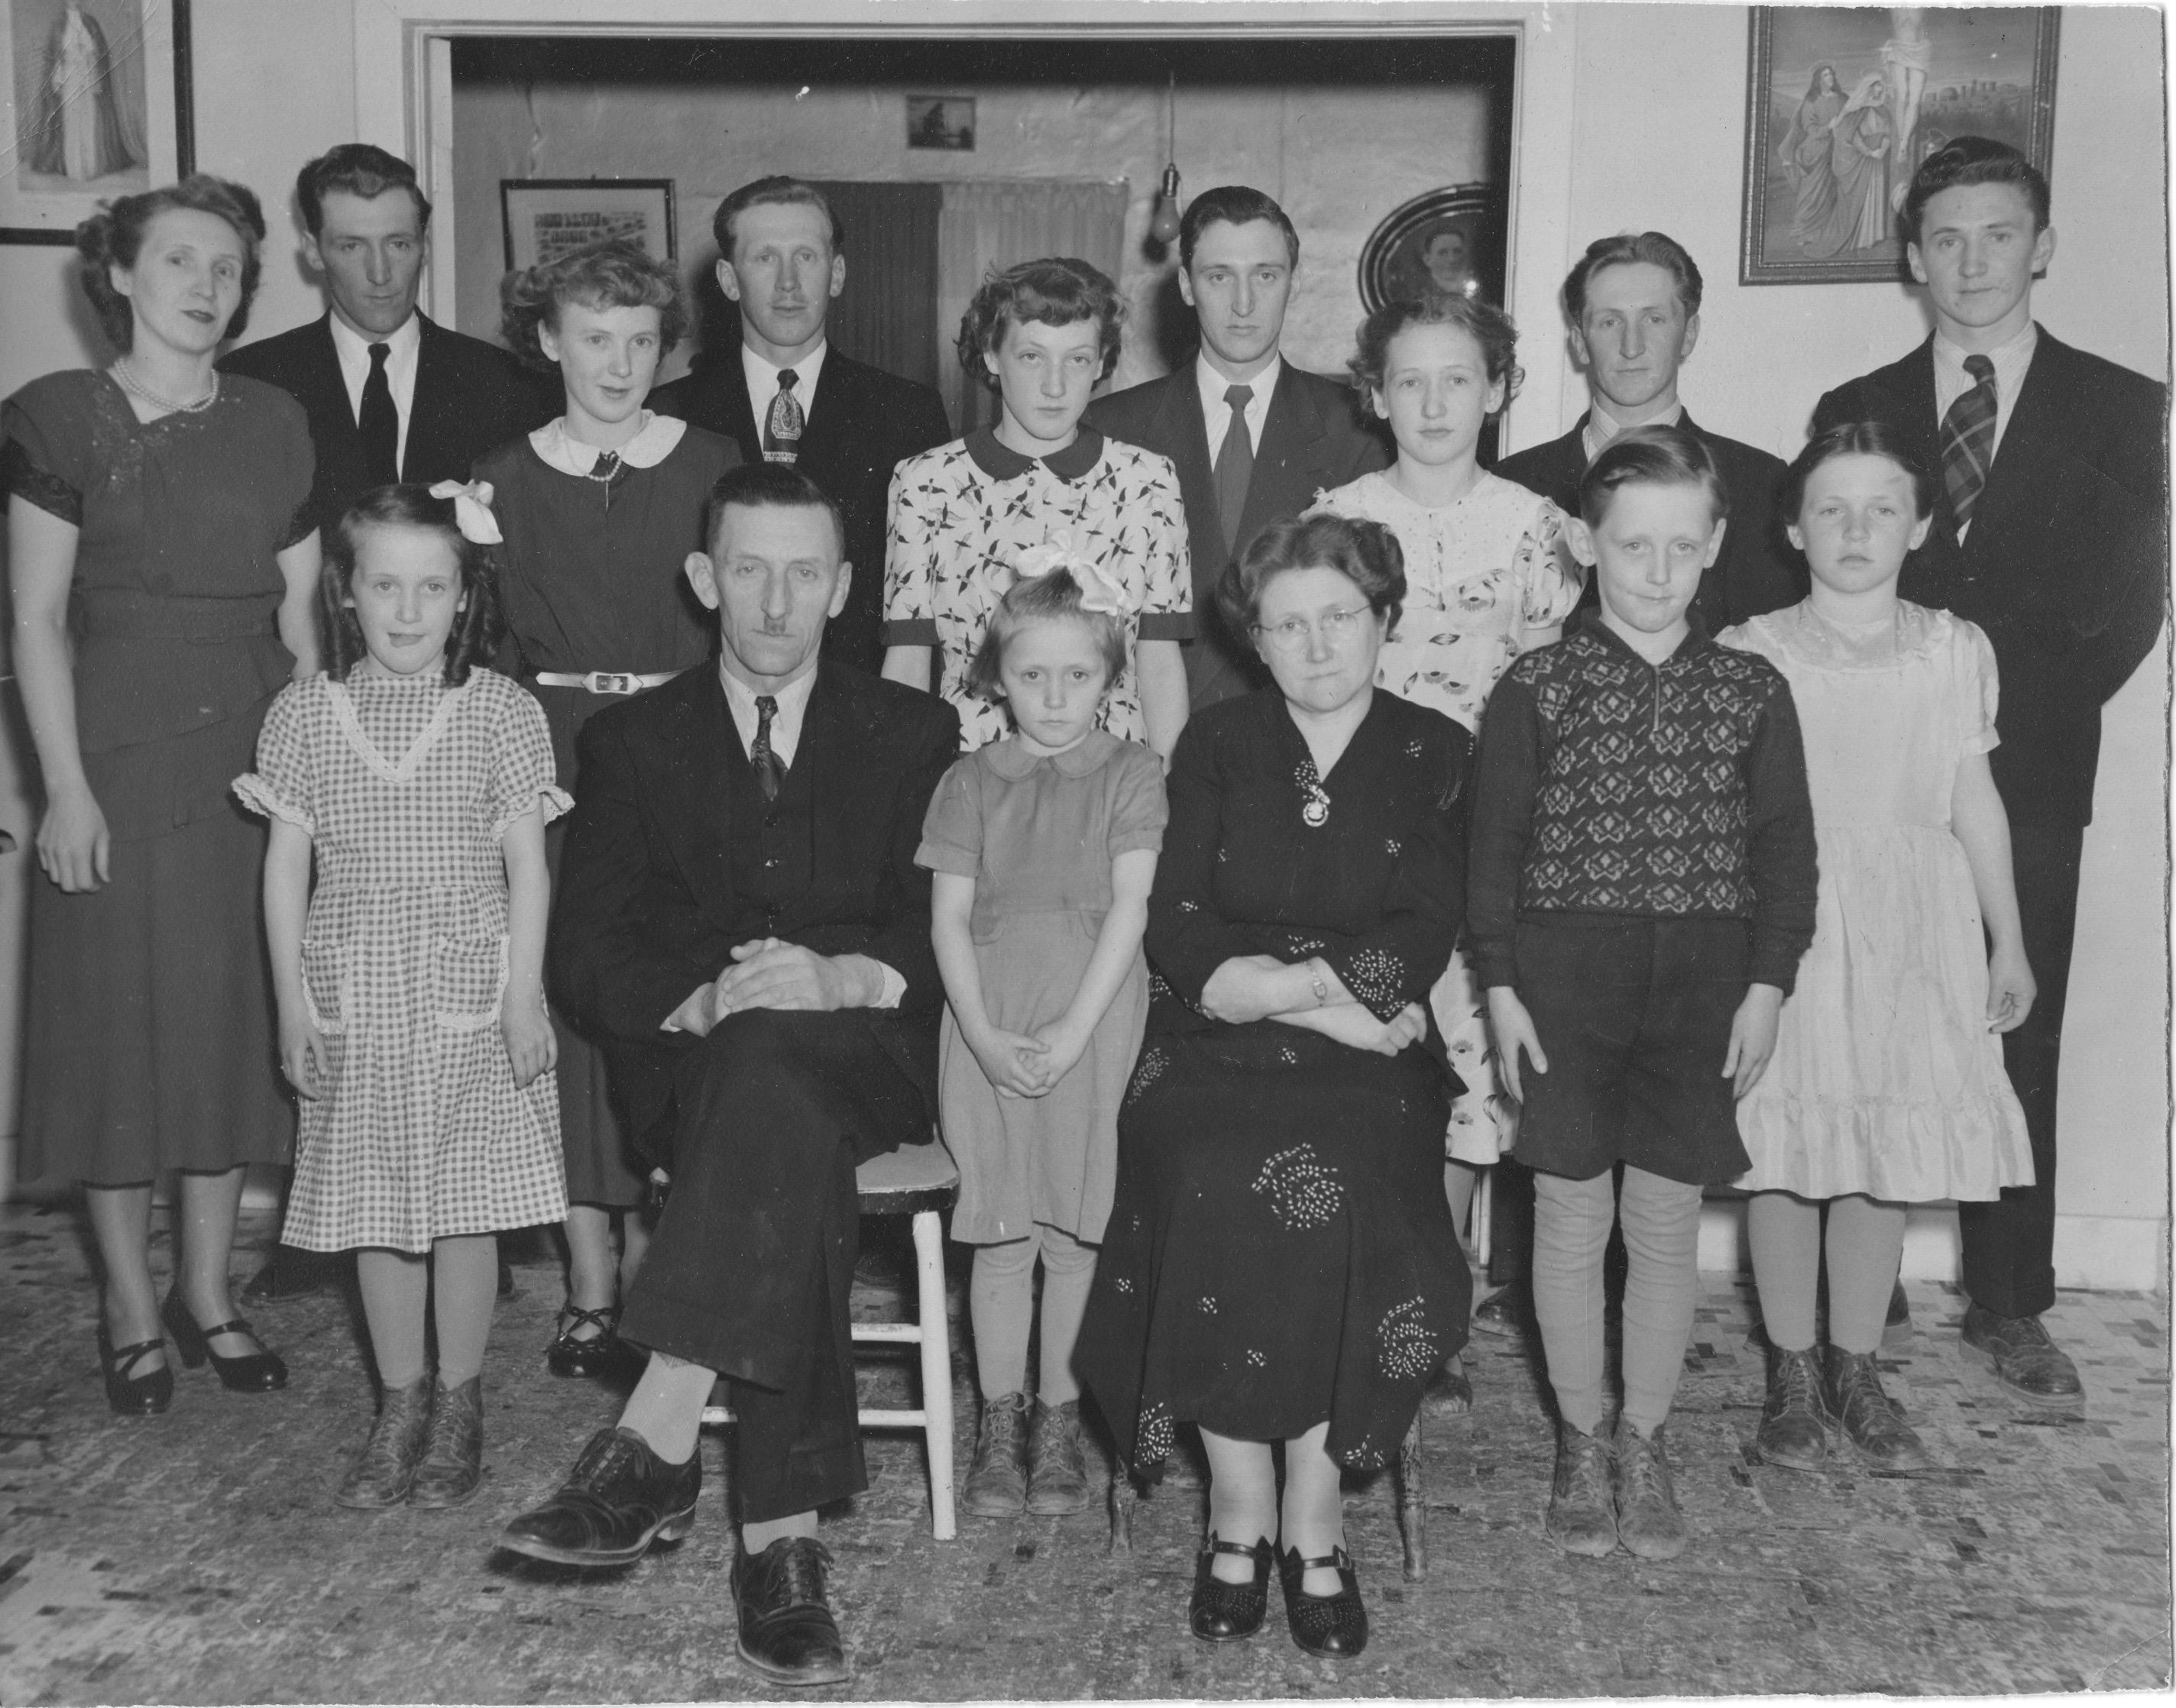 La famille d'Héraclius Doré et Blanche Lizette. En partant en haut à gauche, Éloi, Hubert, Paul-Émile, Laurent, Louis-Joseph; 2e rangée, Cécile, Françoise, Angèle, Lucie, Thérèse; devant, Claudette, Héraclius, Andrée, Blanche, Claude. Marthe est absente.